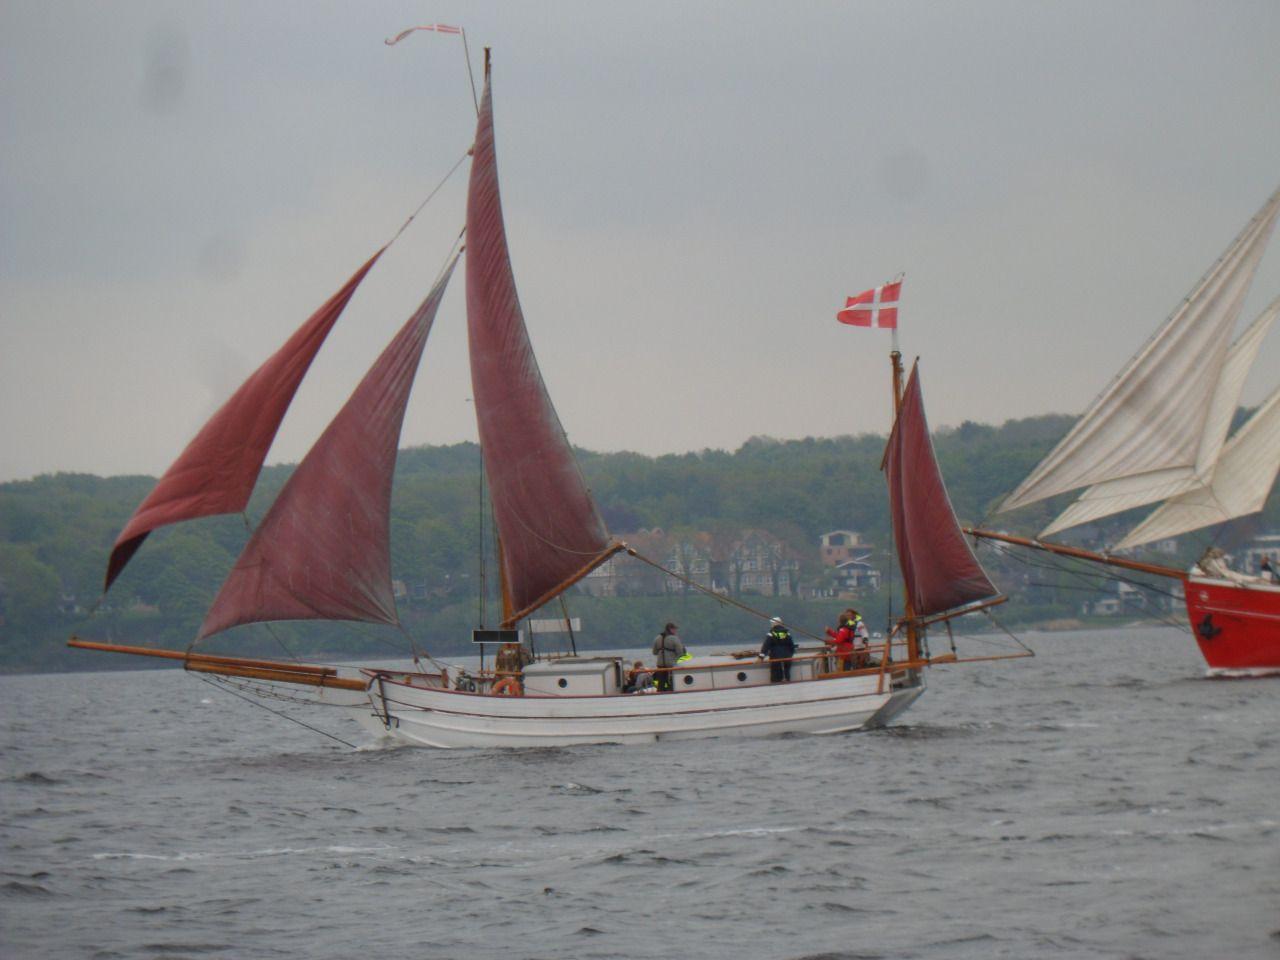 Kilden omtaler fejlagtigt dette skib som en drivkvase. Se nærmere i Arne Gotveds kommentar nedenfor.